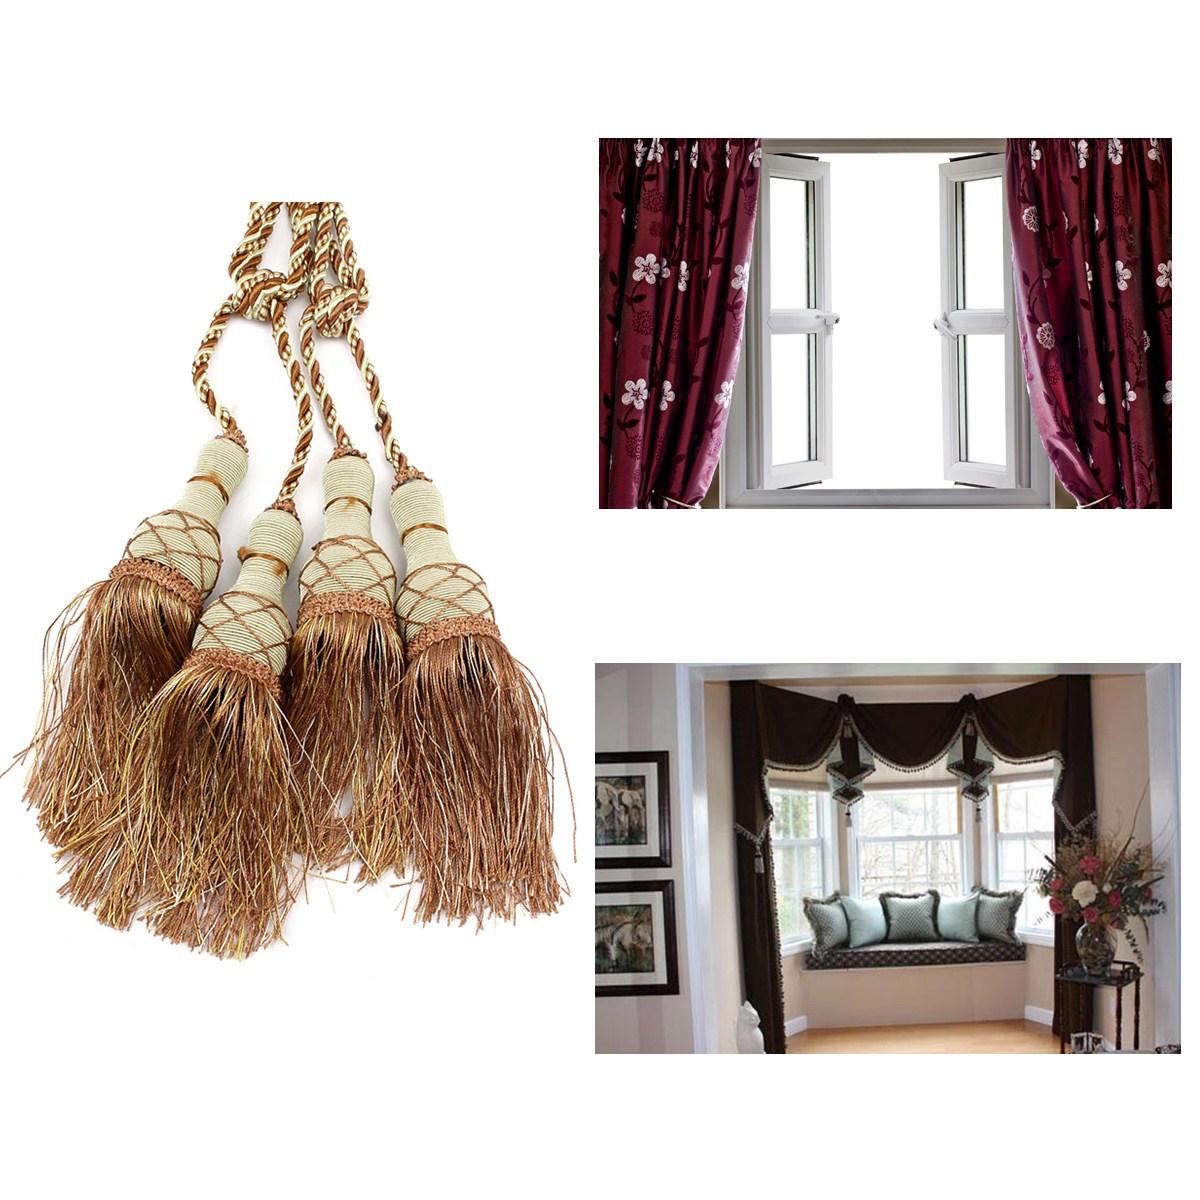 1 paire attache embrasse draperie rideau pompon frang pour maison fen tre decor ebay. Black Bedroom Furniture Sets. Home Design Ideas